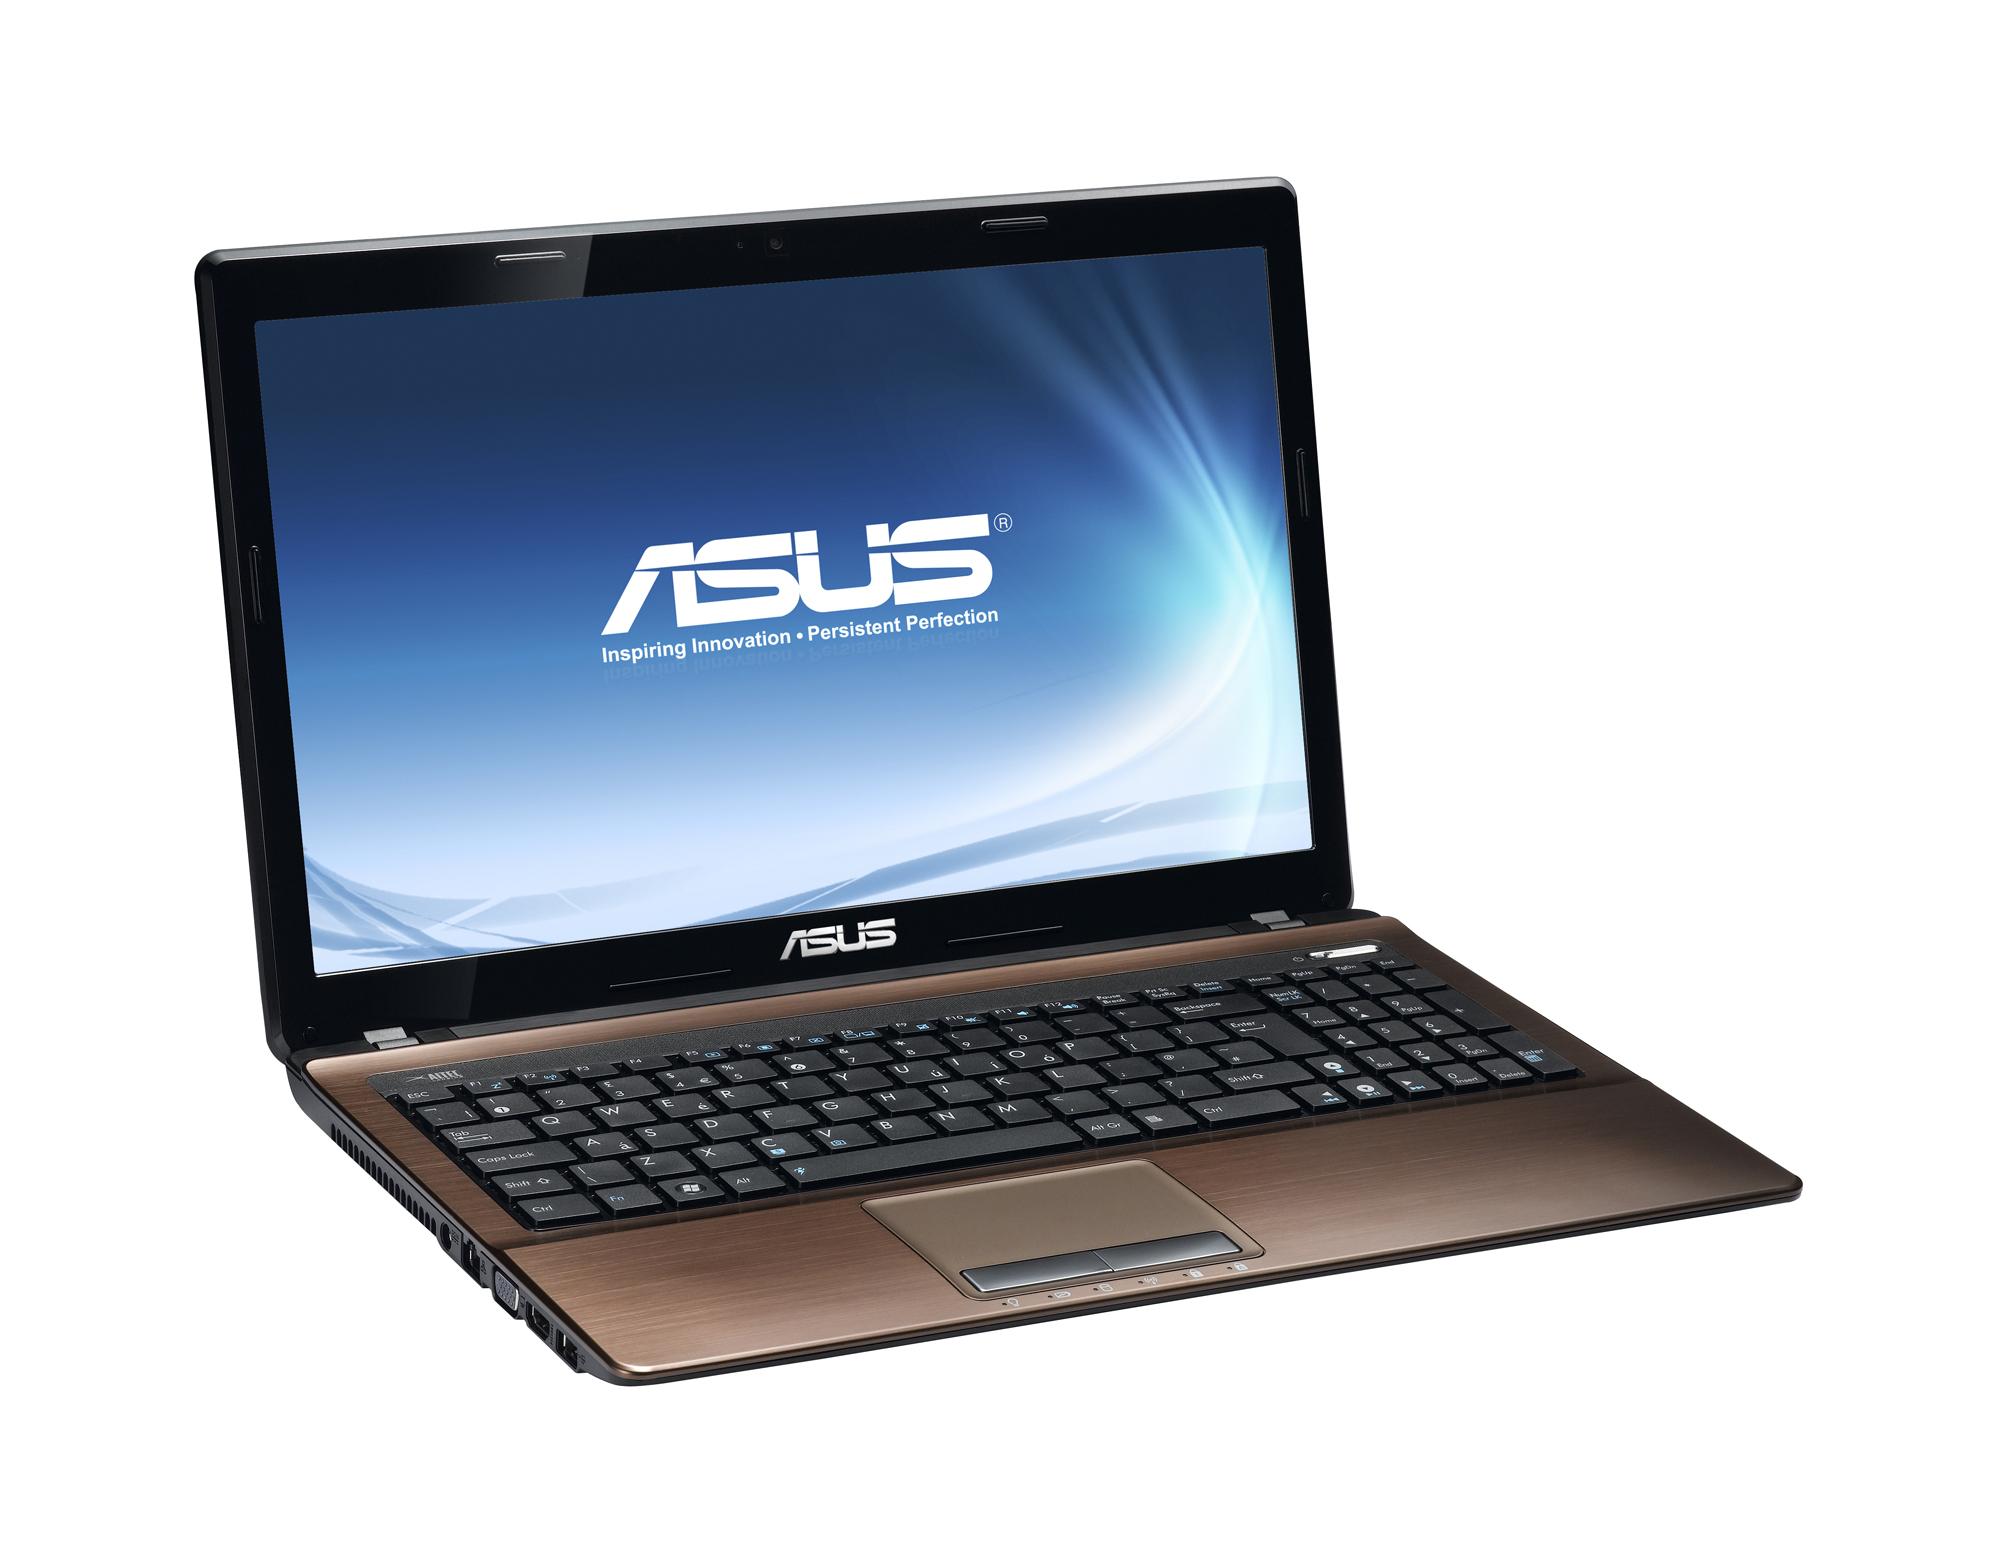 3d7ad664a Nová rada K využíva druhú generáciu procesorov Intel® Core a ponúka  elegantné farebné prevedenia založené na použití kvalitných hliníkových  dielov.